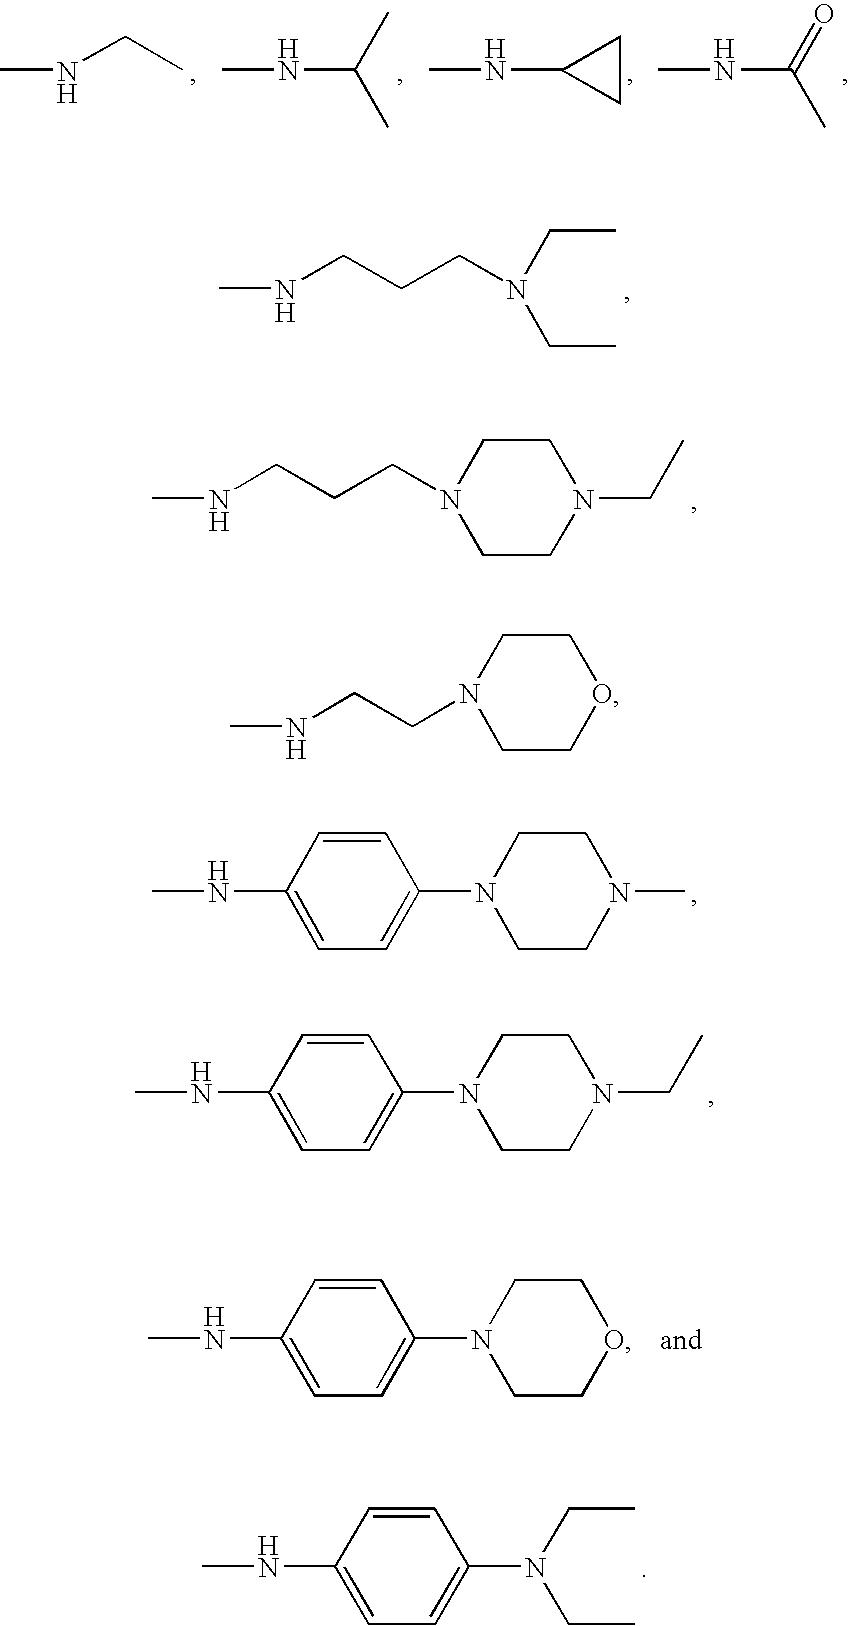 Figure US20090312321A1-20091217-C00005